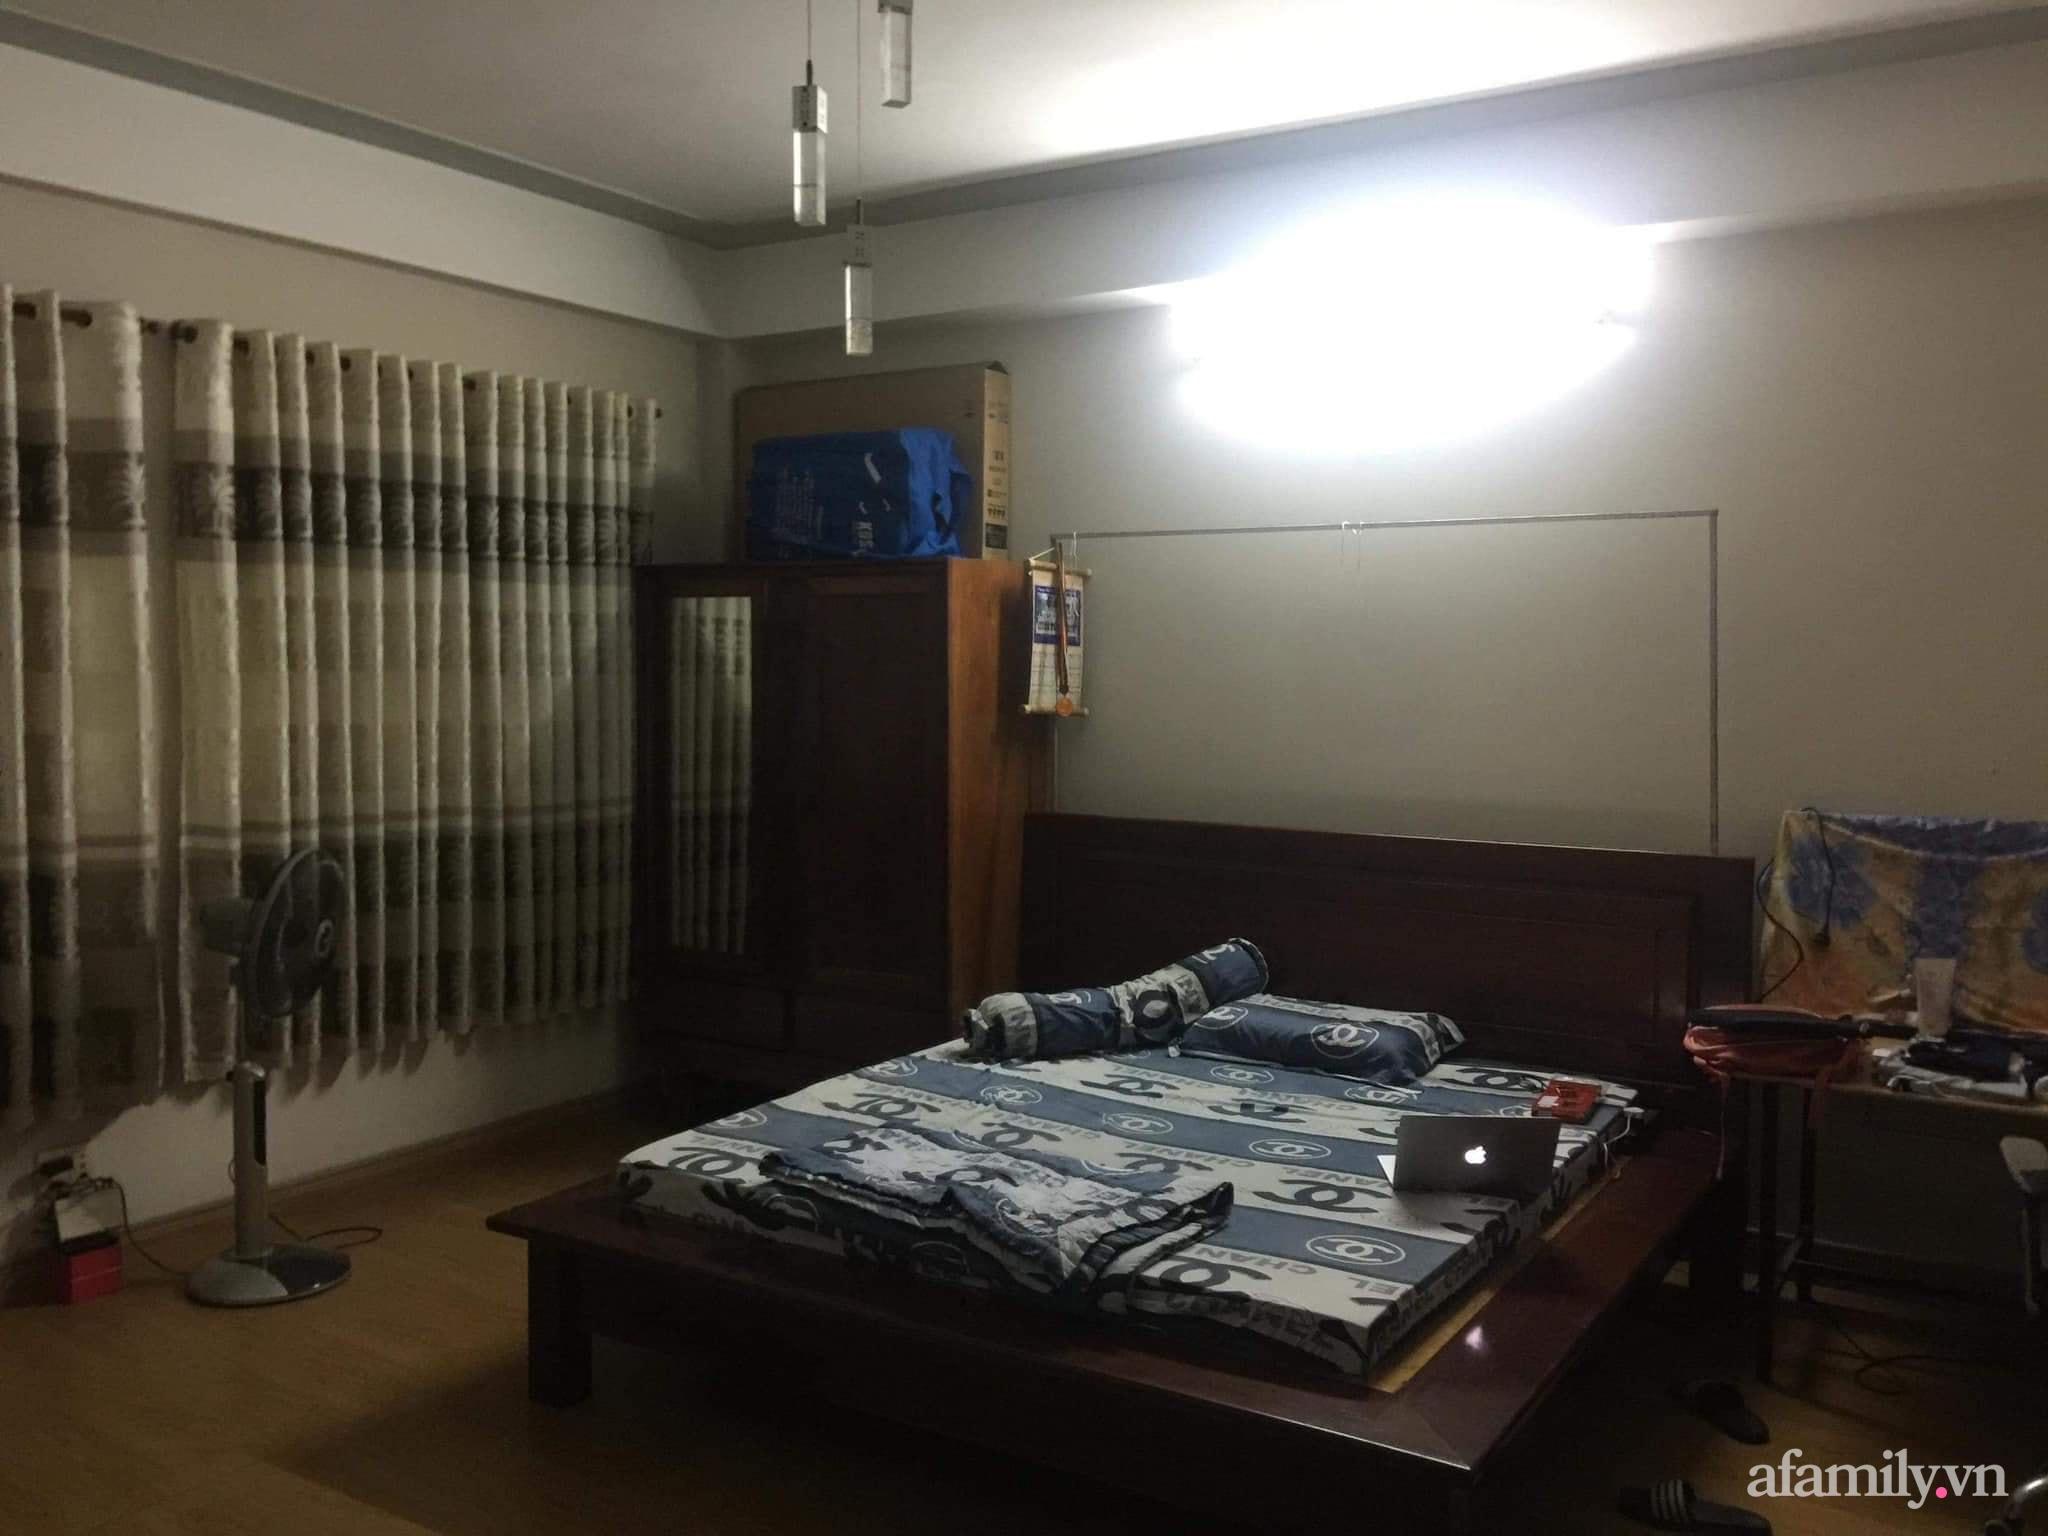 Cải tạo phòng ngủ cũ thành phòng tân hôn đẹp lãng mạn theo phong cách Boho với chi phí décor 50 triệu đồng ở Sài Gòn - Ảnh 1.